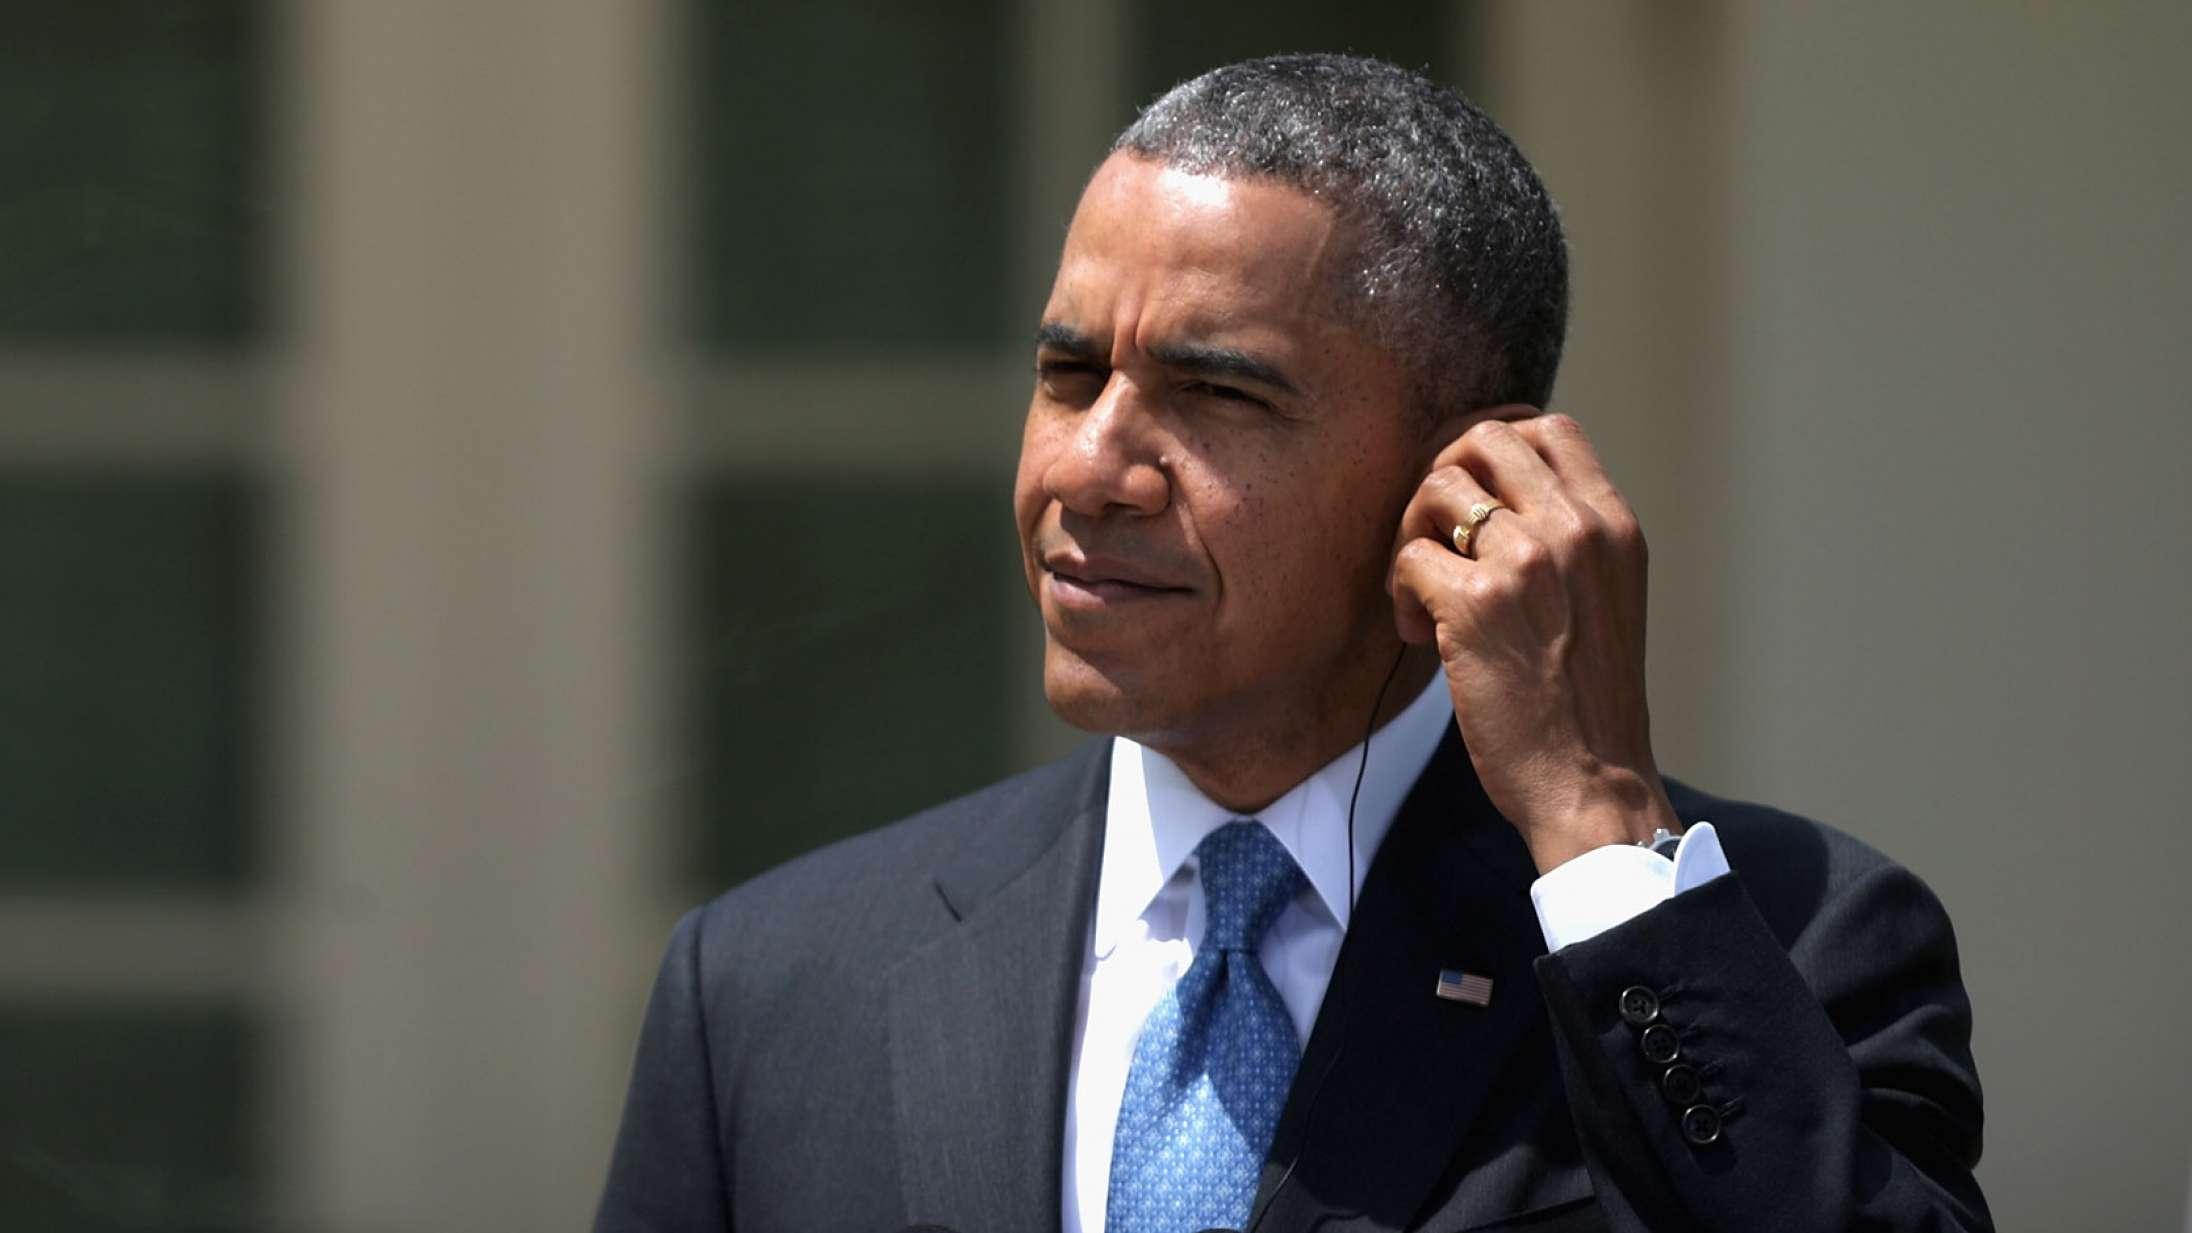 Barack Obama fortæller om hiphop-sangen, der hjalp ham gennem hans første præsidentkampagne